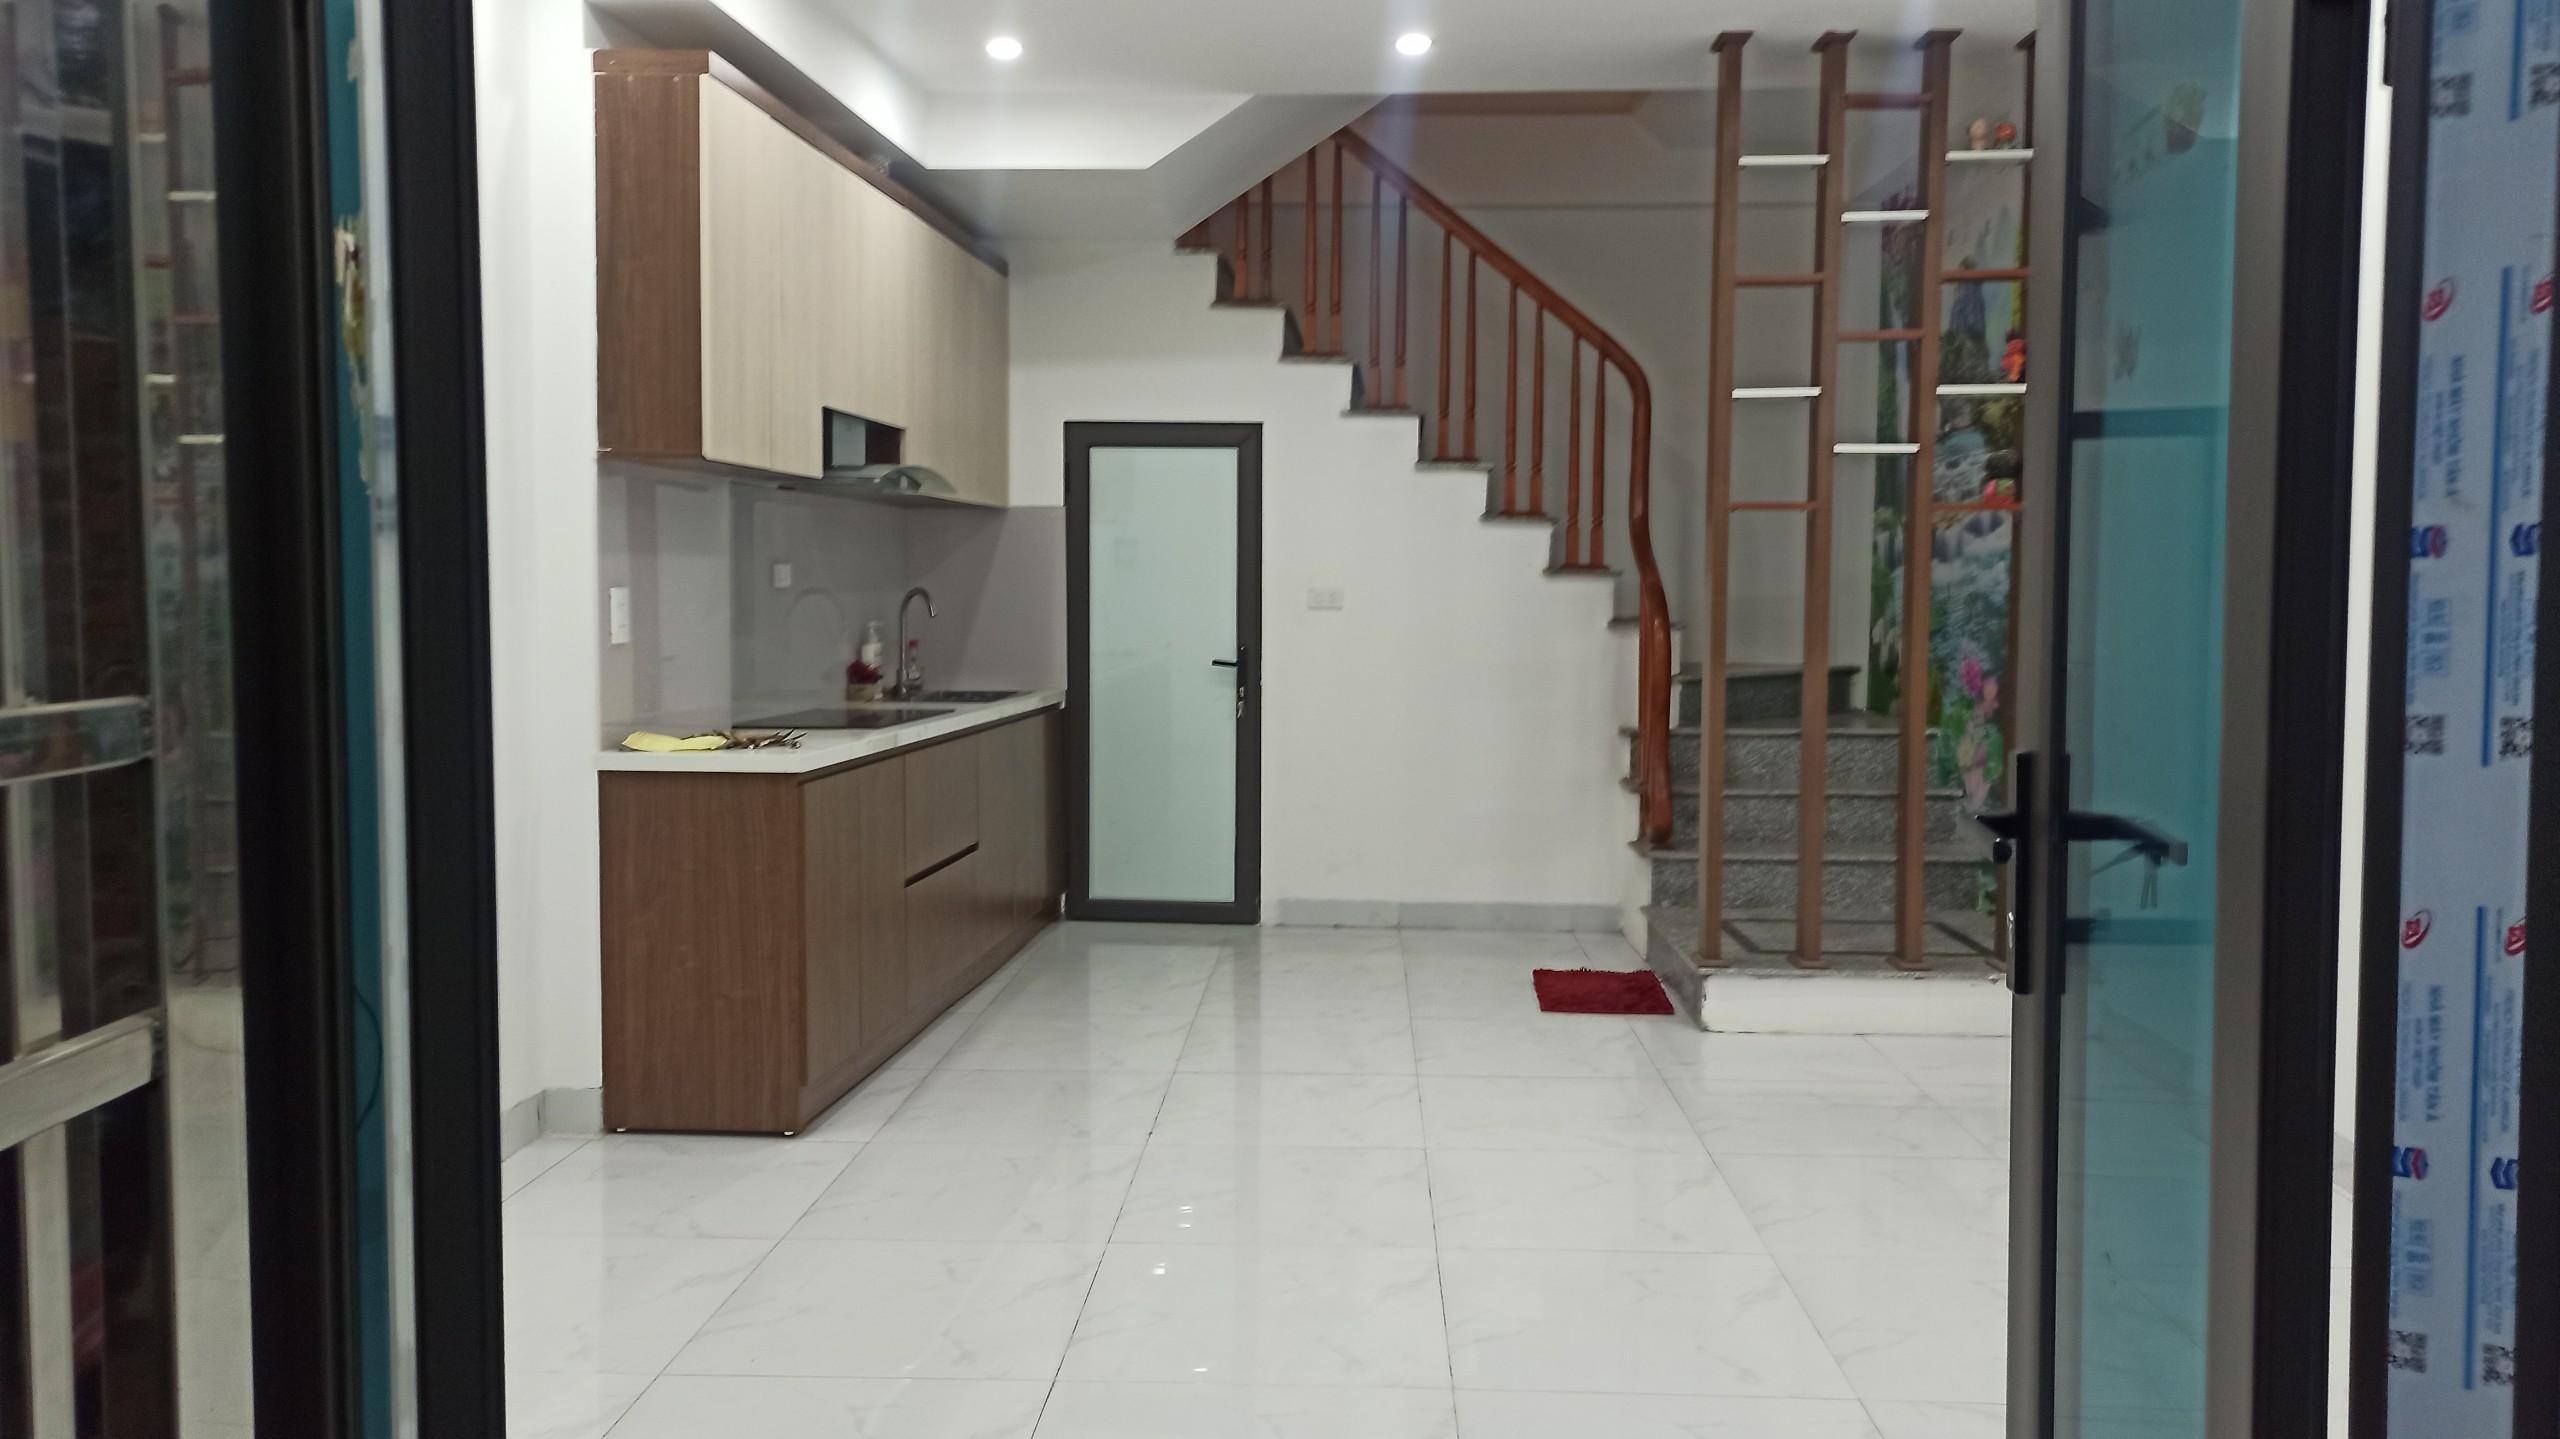 Nhà Vân Canh,Phương Canh gần Trịnh Văn Bô Xây 5 Tầng 3 phòng ngủ giá chỉ 1,97tỷ